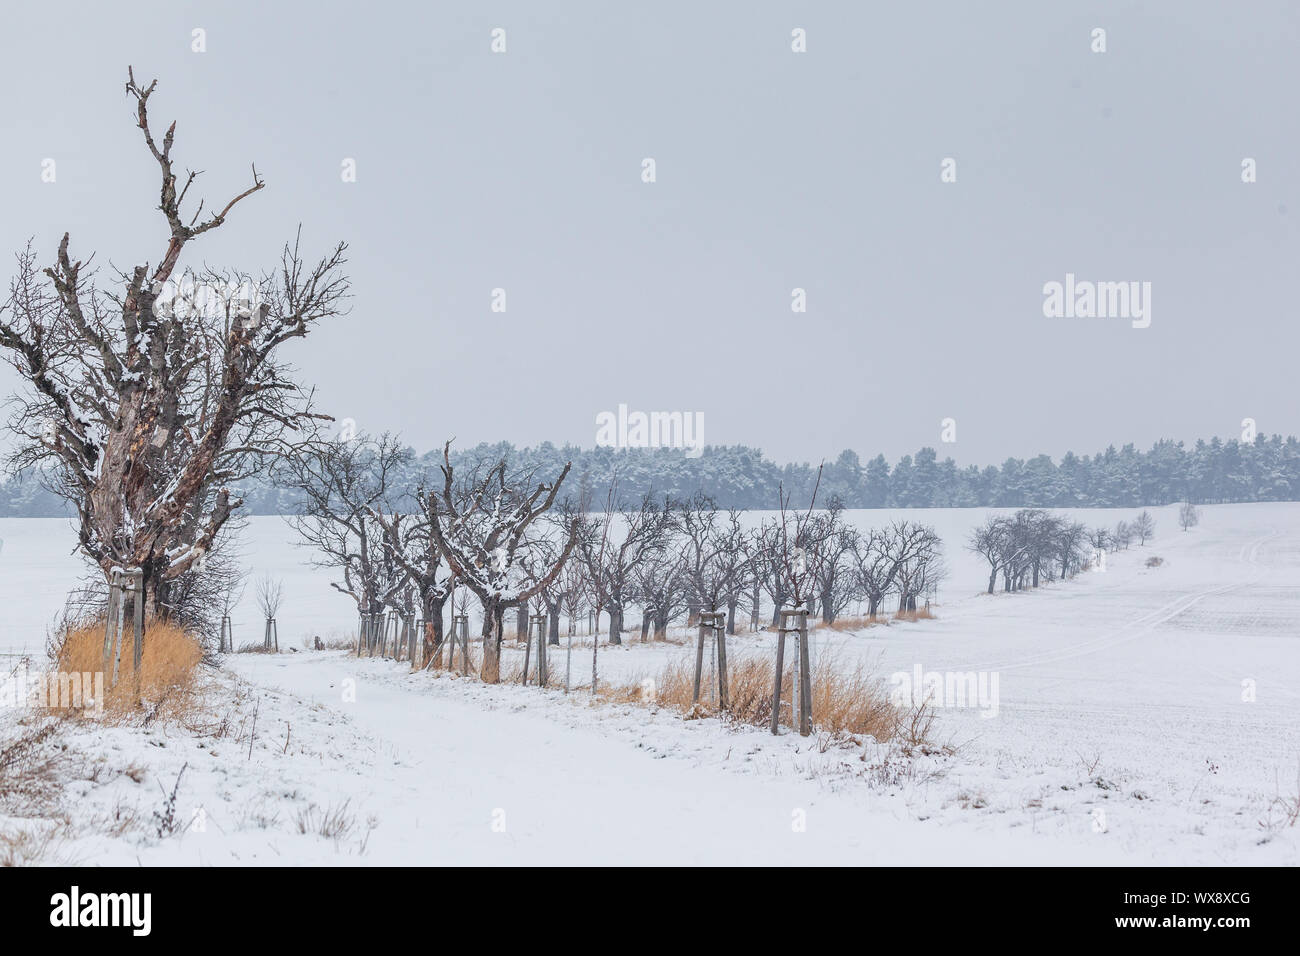 Trajectoire du champ avec l'avenue bordée d'arbres en hiver Banque D'Images